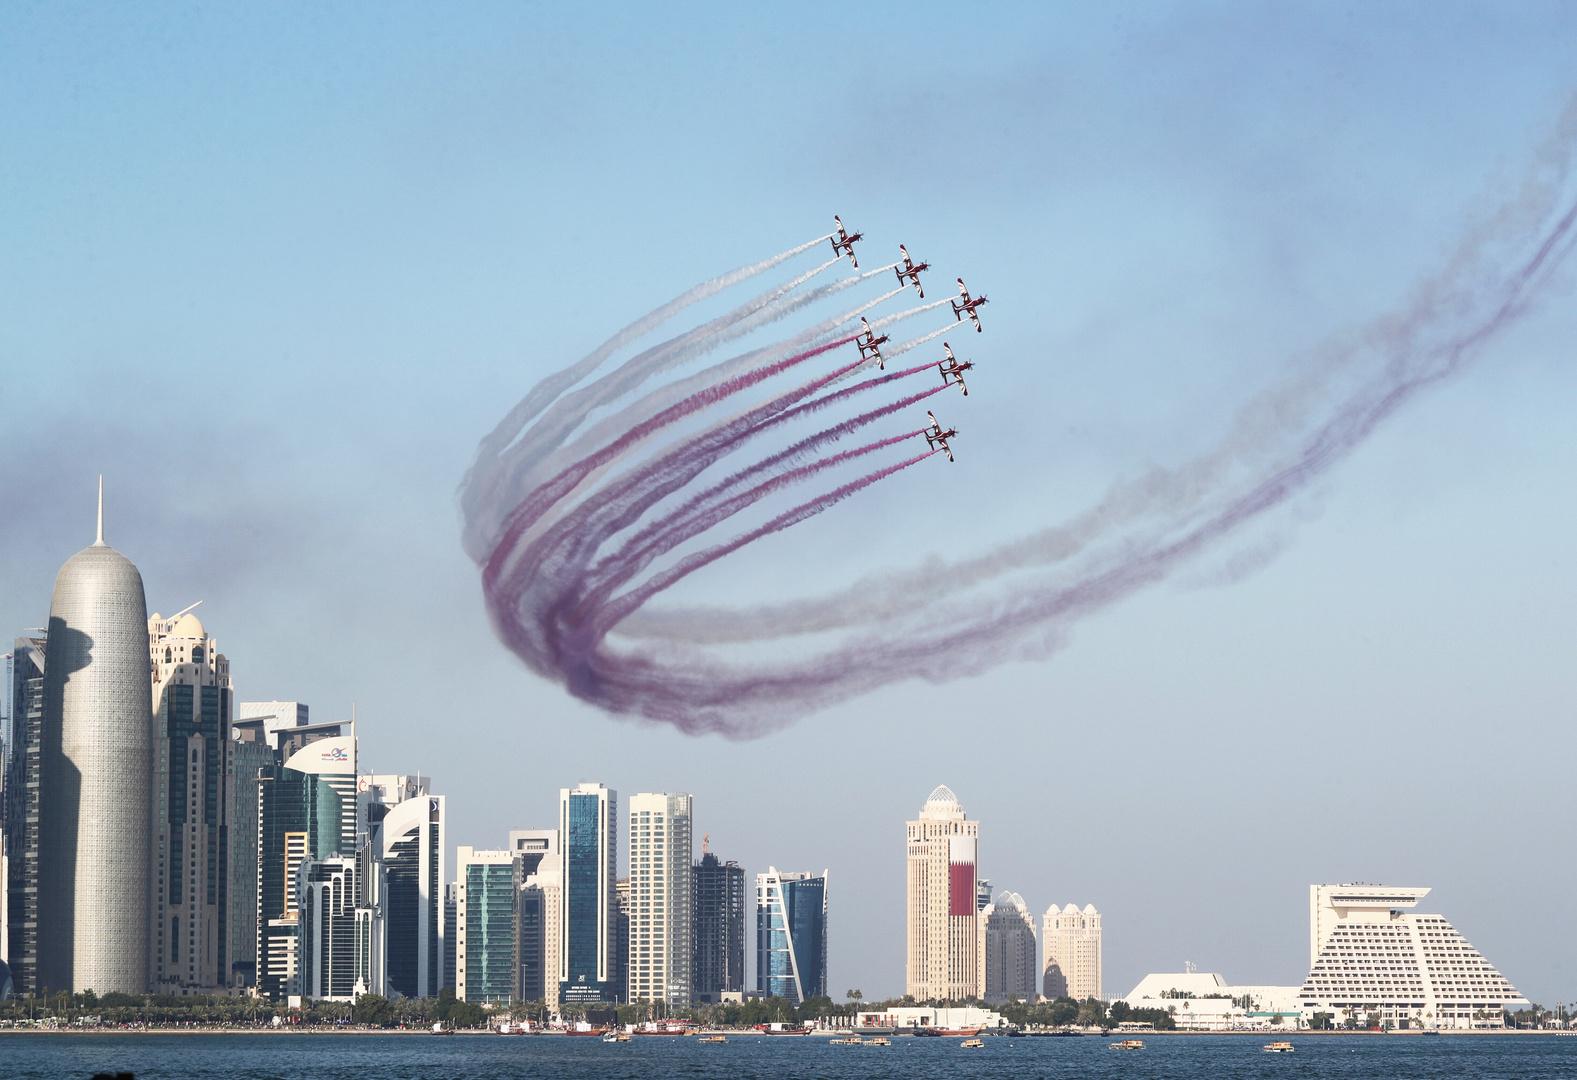 بالصور.. قطر تدشن سفينة حربية جديدة في إيطاليا